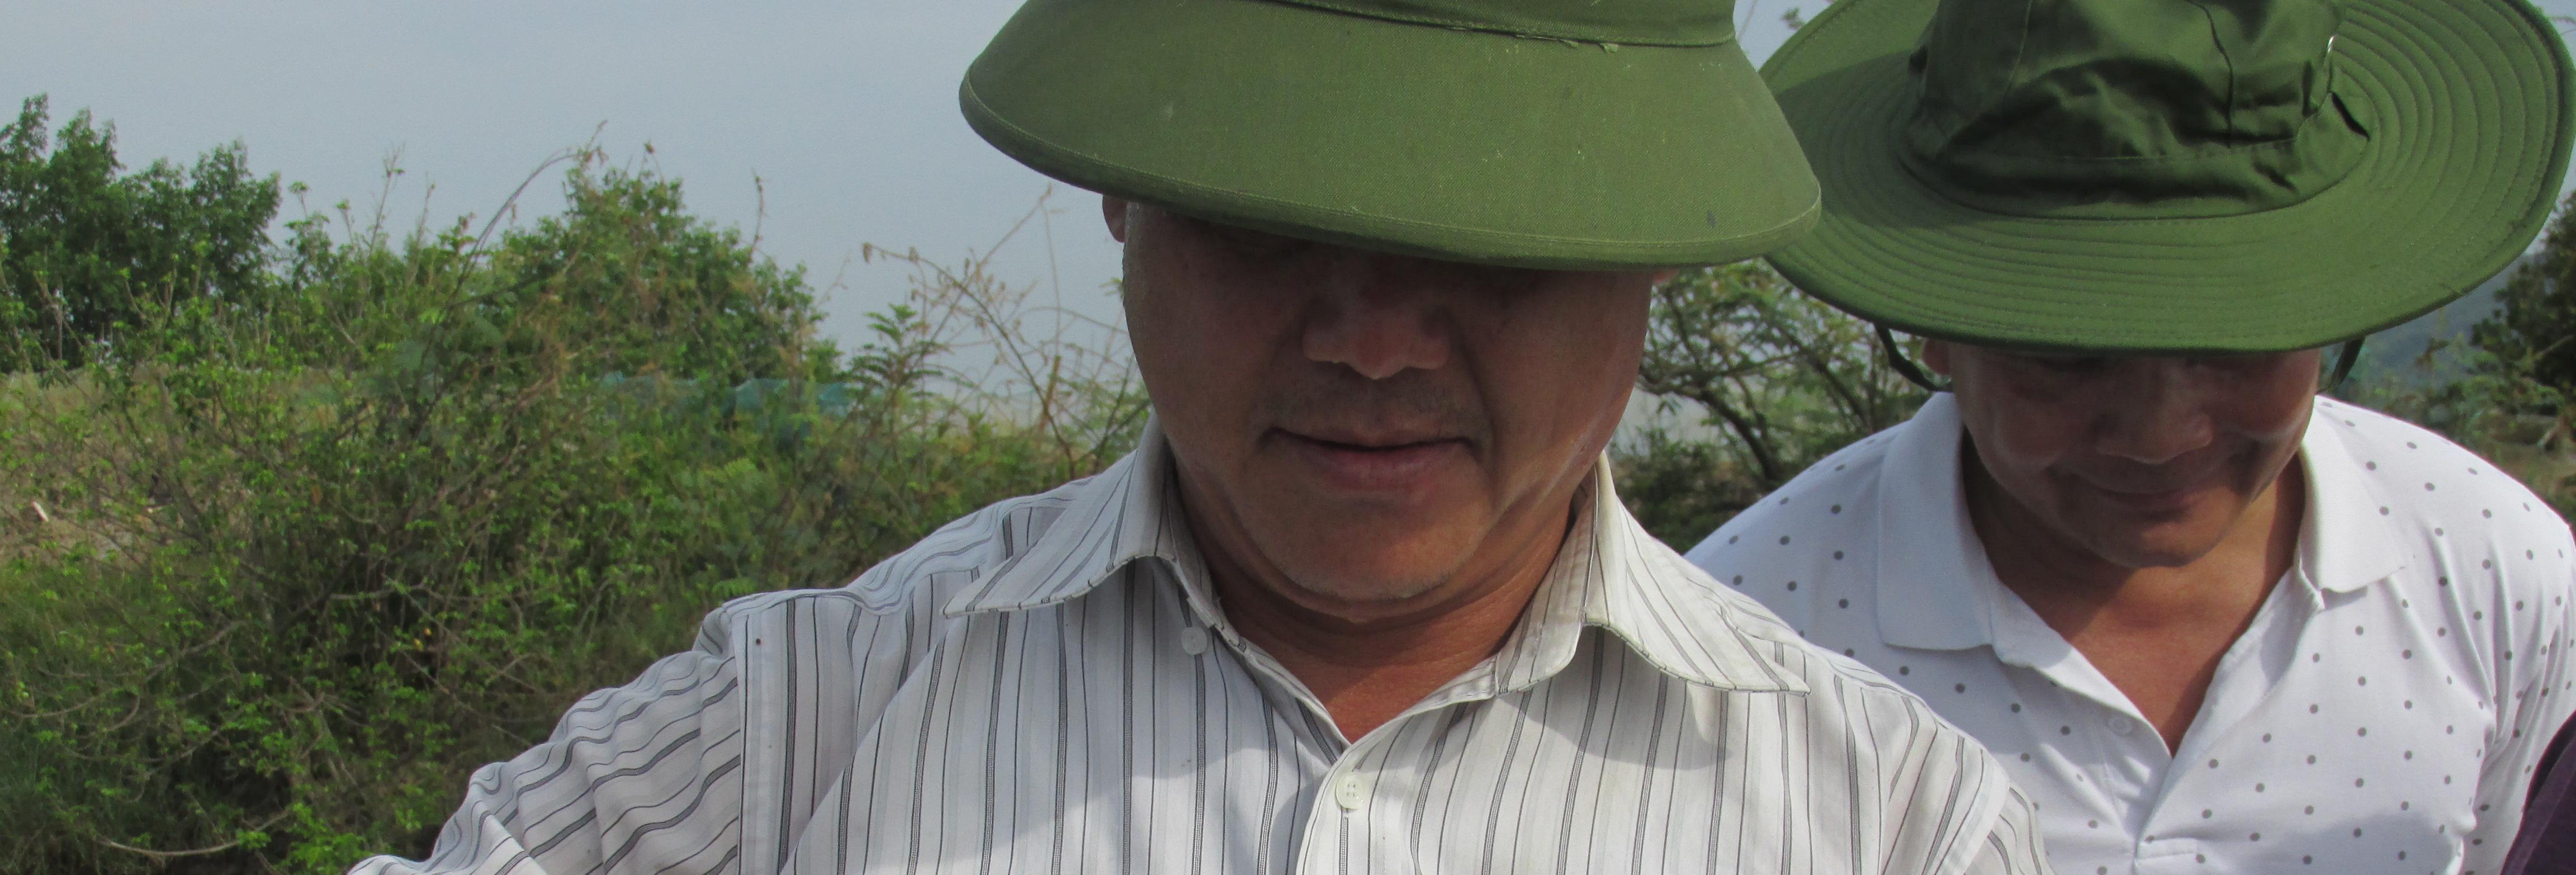 Hiệu quả của mô hình nuôi cua thâm canh sử dụng thức ăn công nghiệp